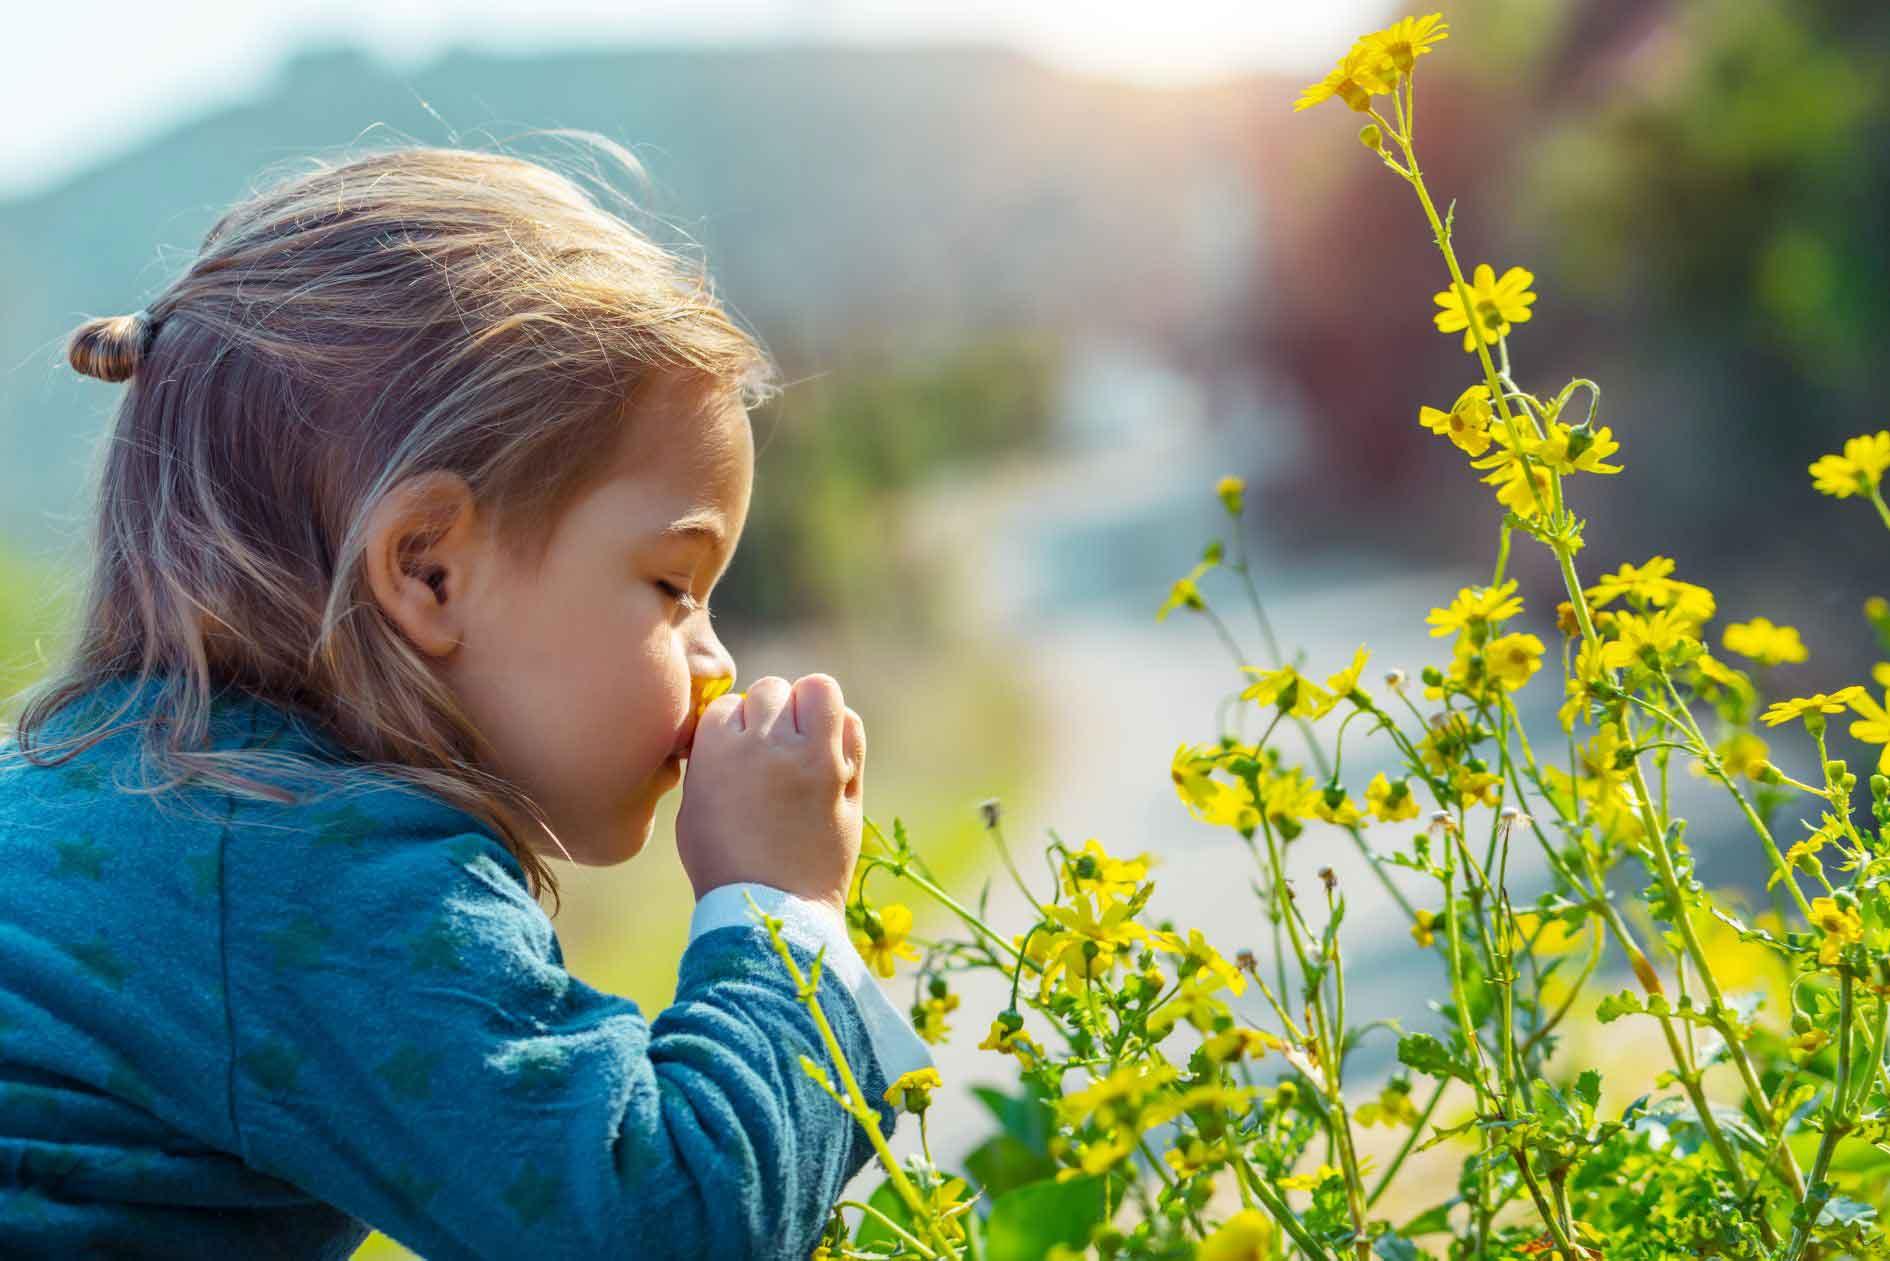 Zeigt ein junges Mädchen welches an einer gelben Blume riecht. Symbolbild für die umweltfreundlichen Produkte im Bereich der Minimalmengenschmierung von Unilube.